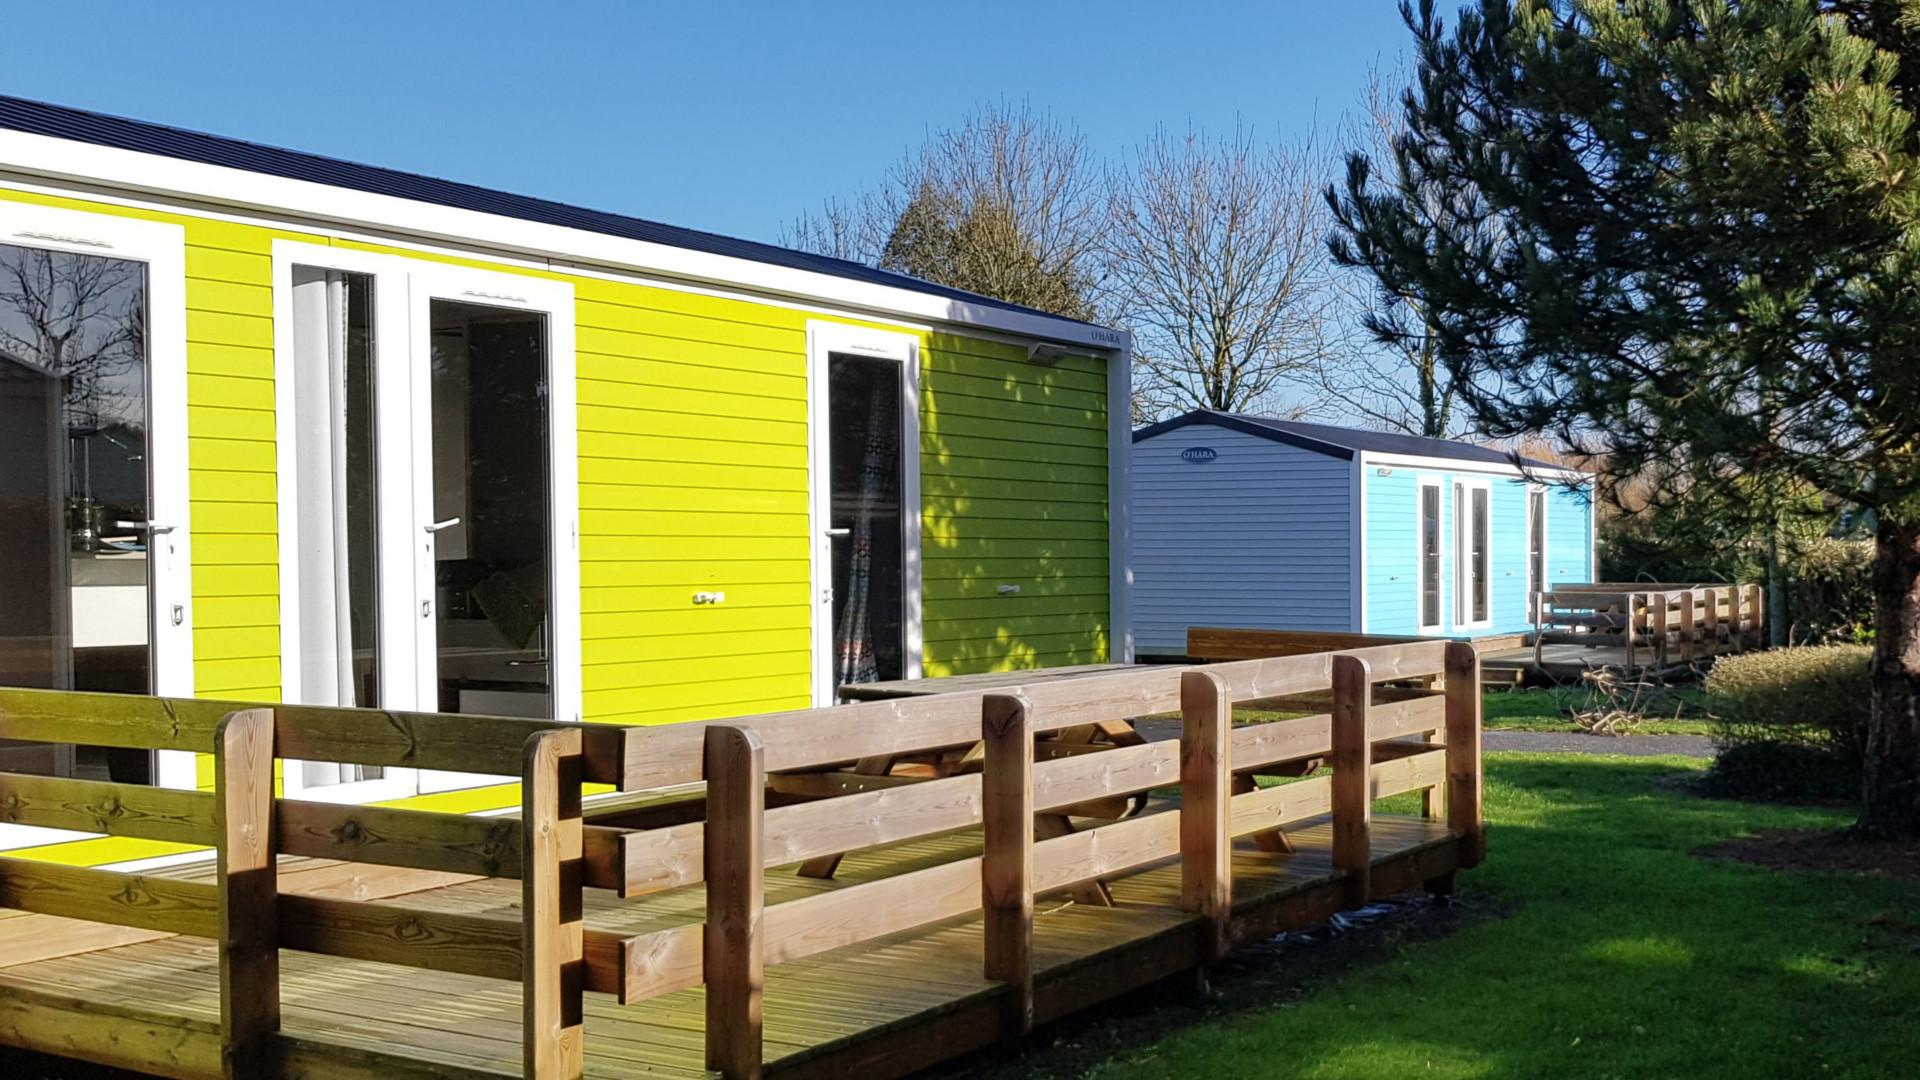 Mobile-home Gold 2 chambres 2 salles de bain vue extérieur